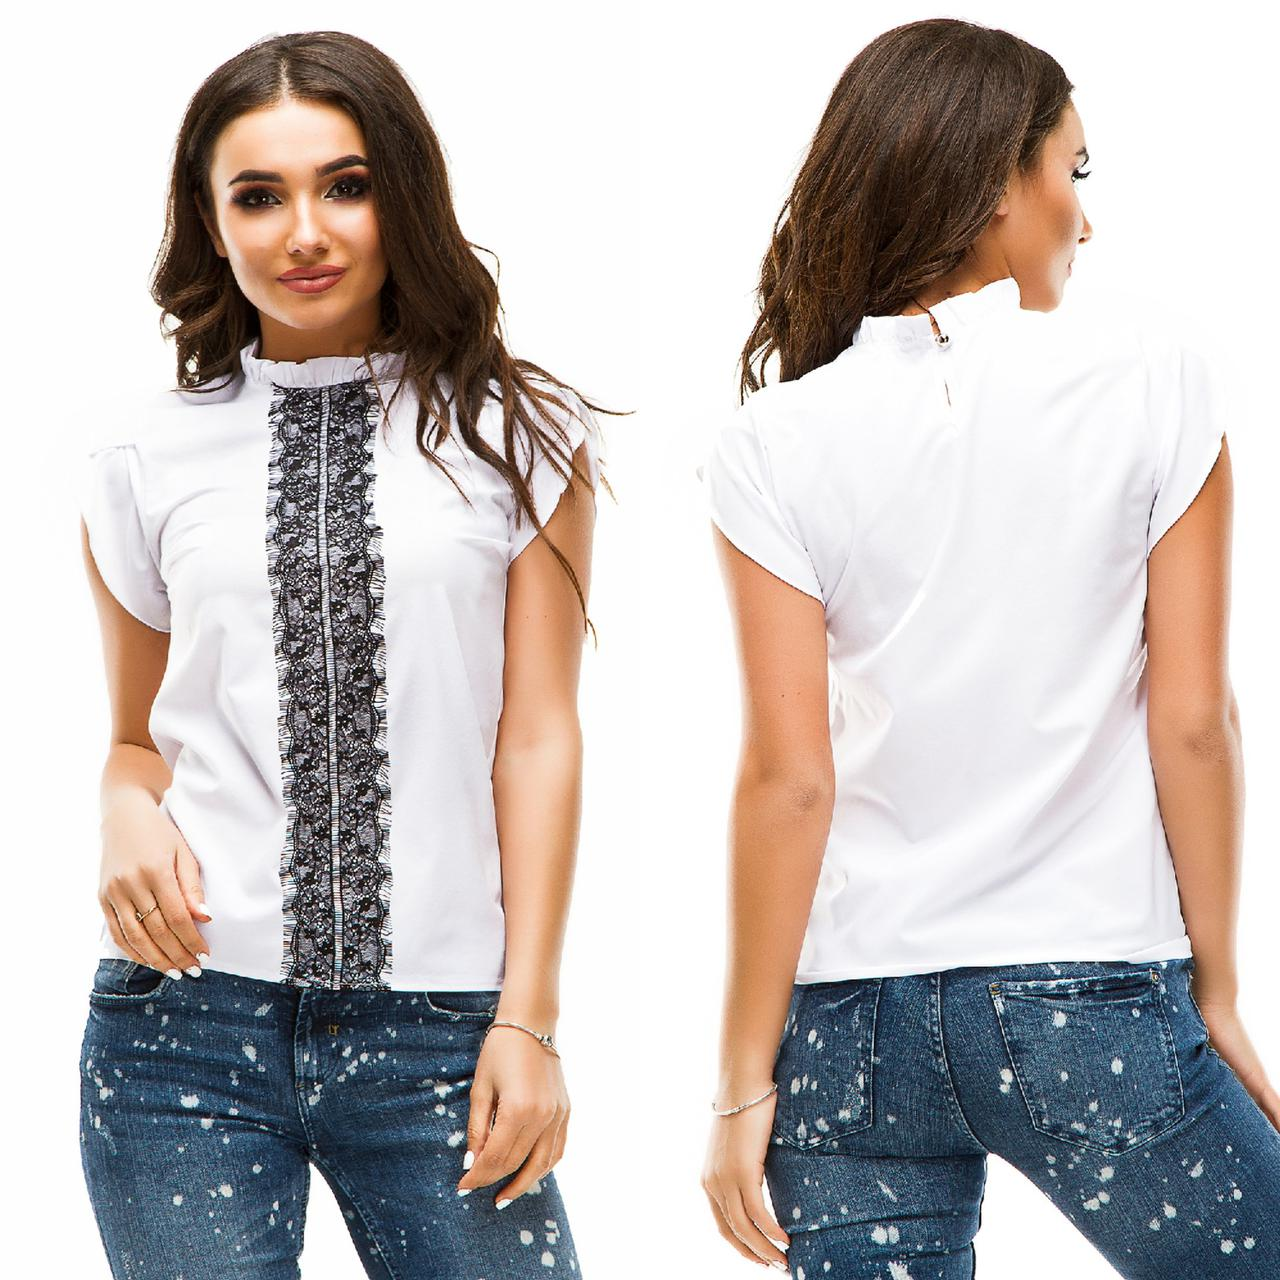 c9bd20cc69d Блузка с гипюровой вставкой - All You Need - прямой поставщик женской  одежды оптом и в